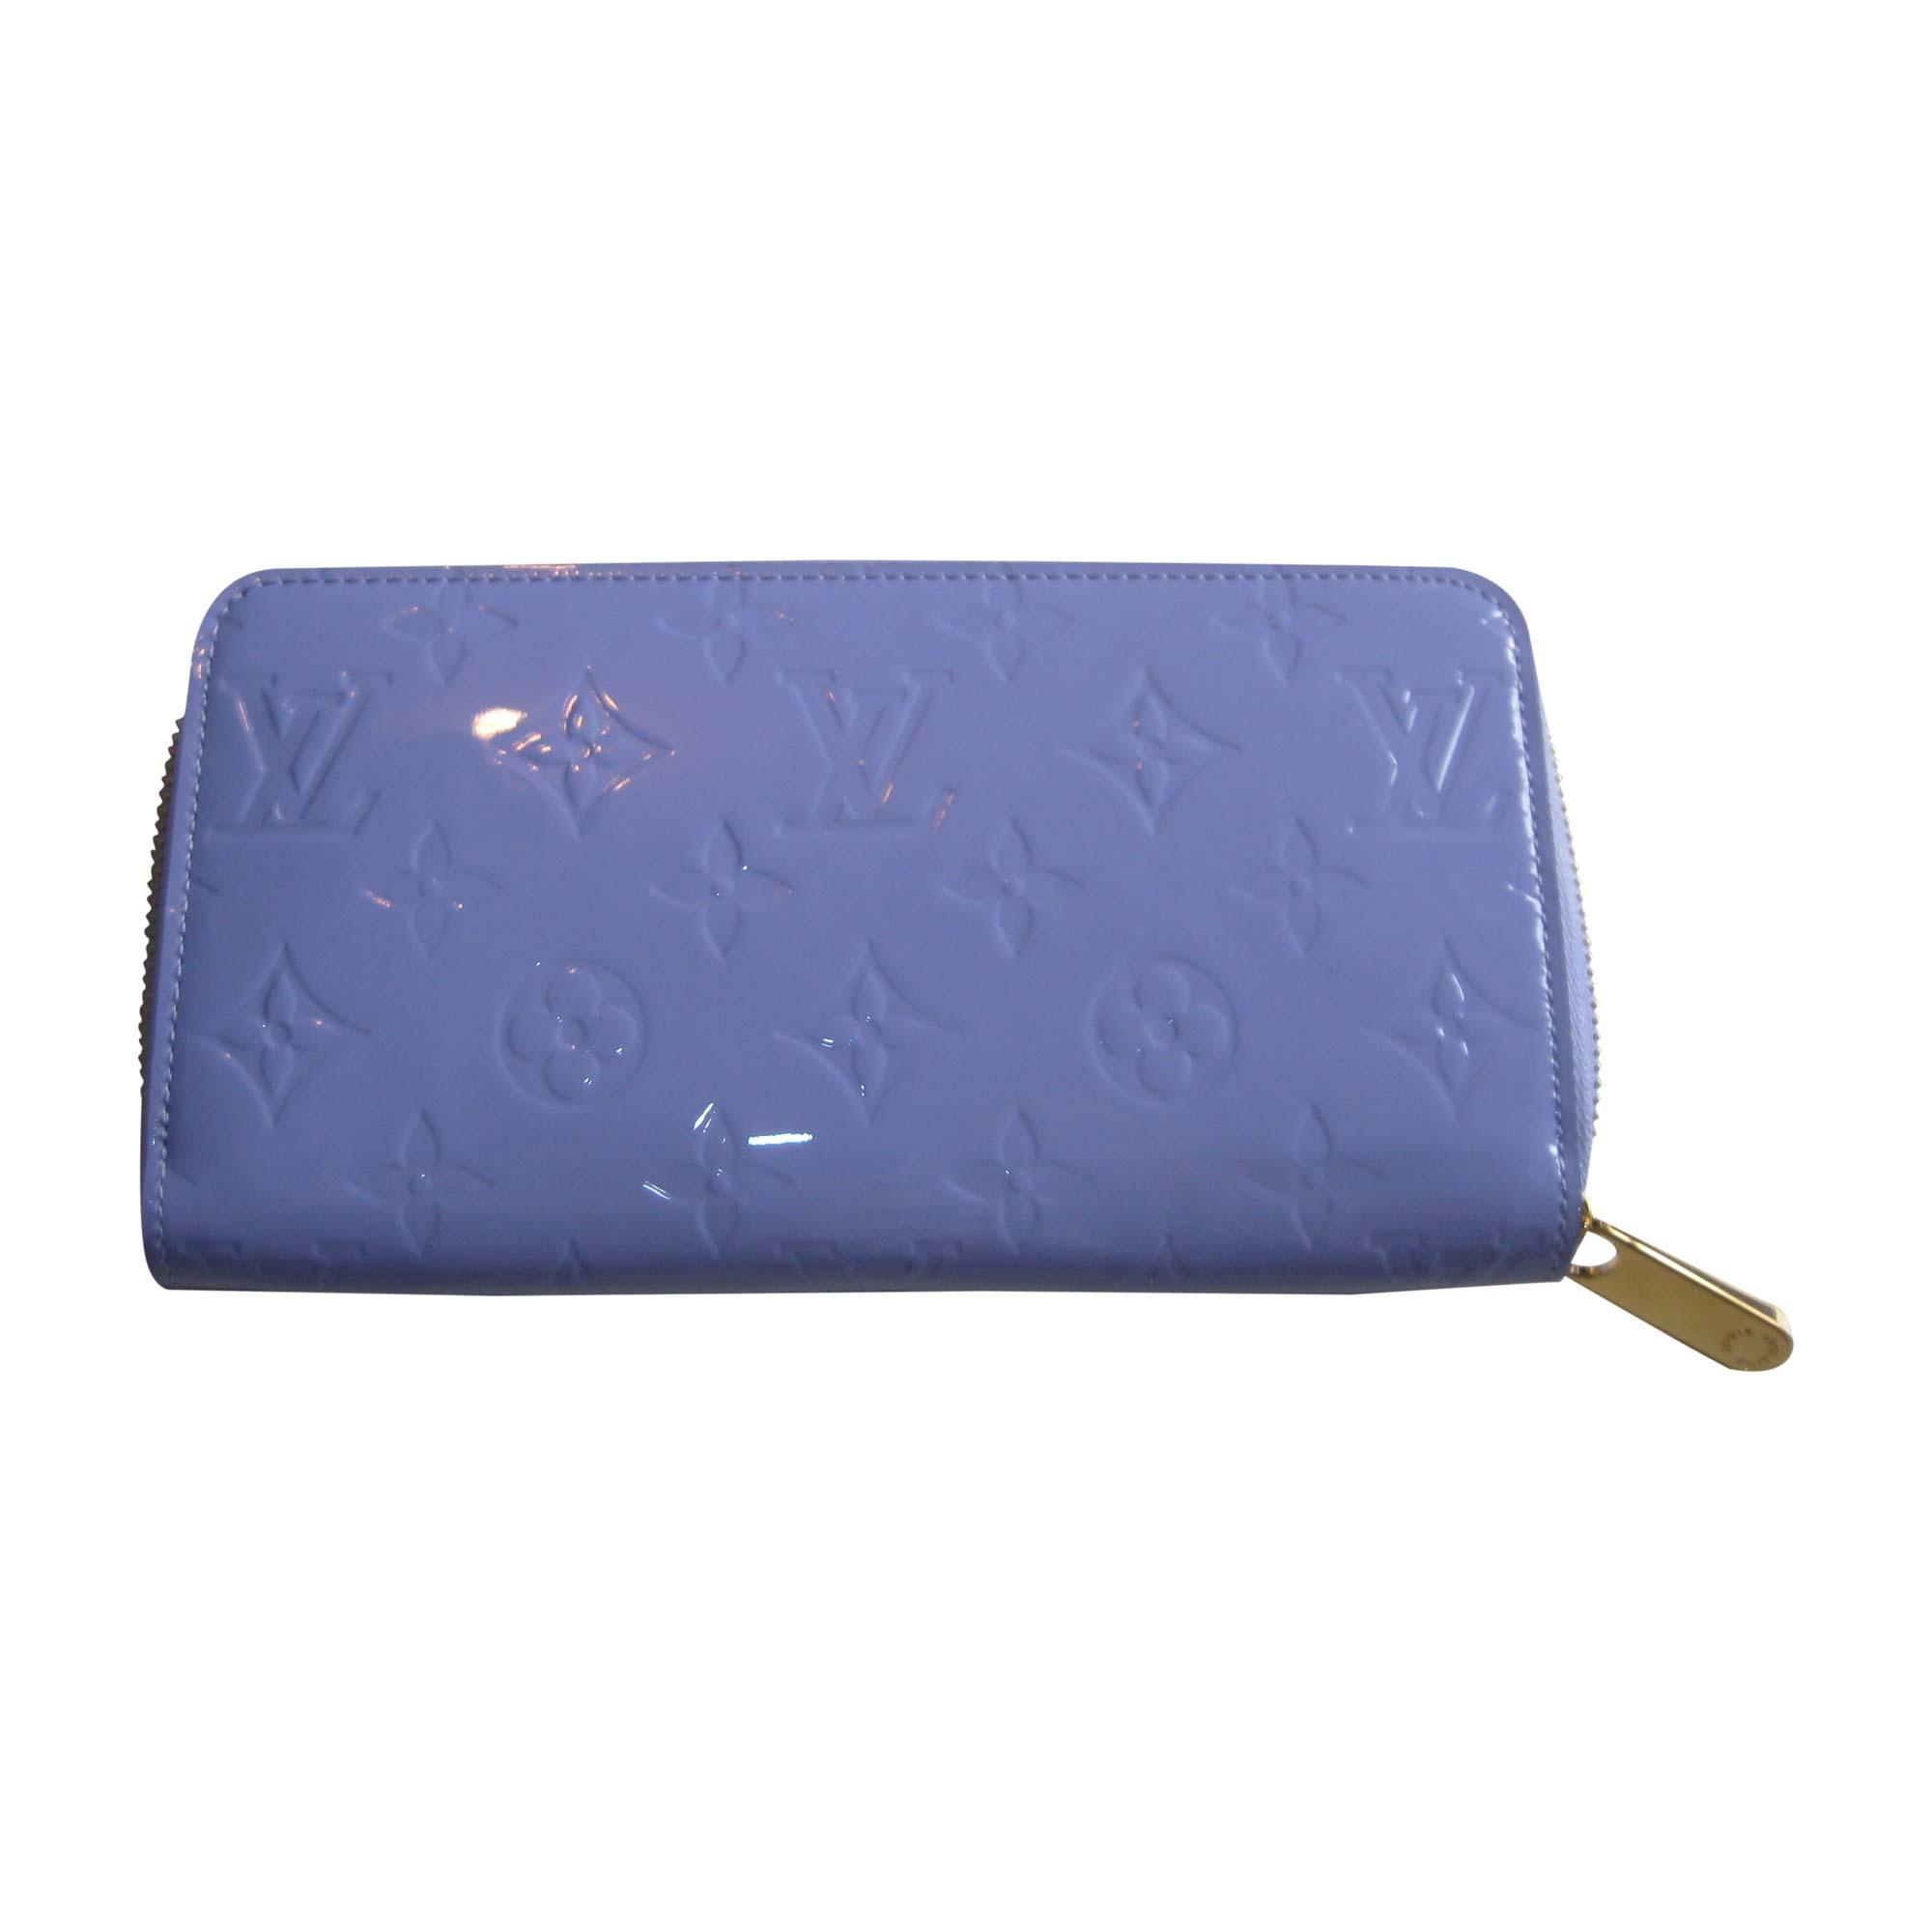 d04999ea3dca9 Portefeuille Louis Vuitton Violet